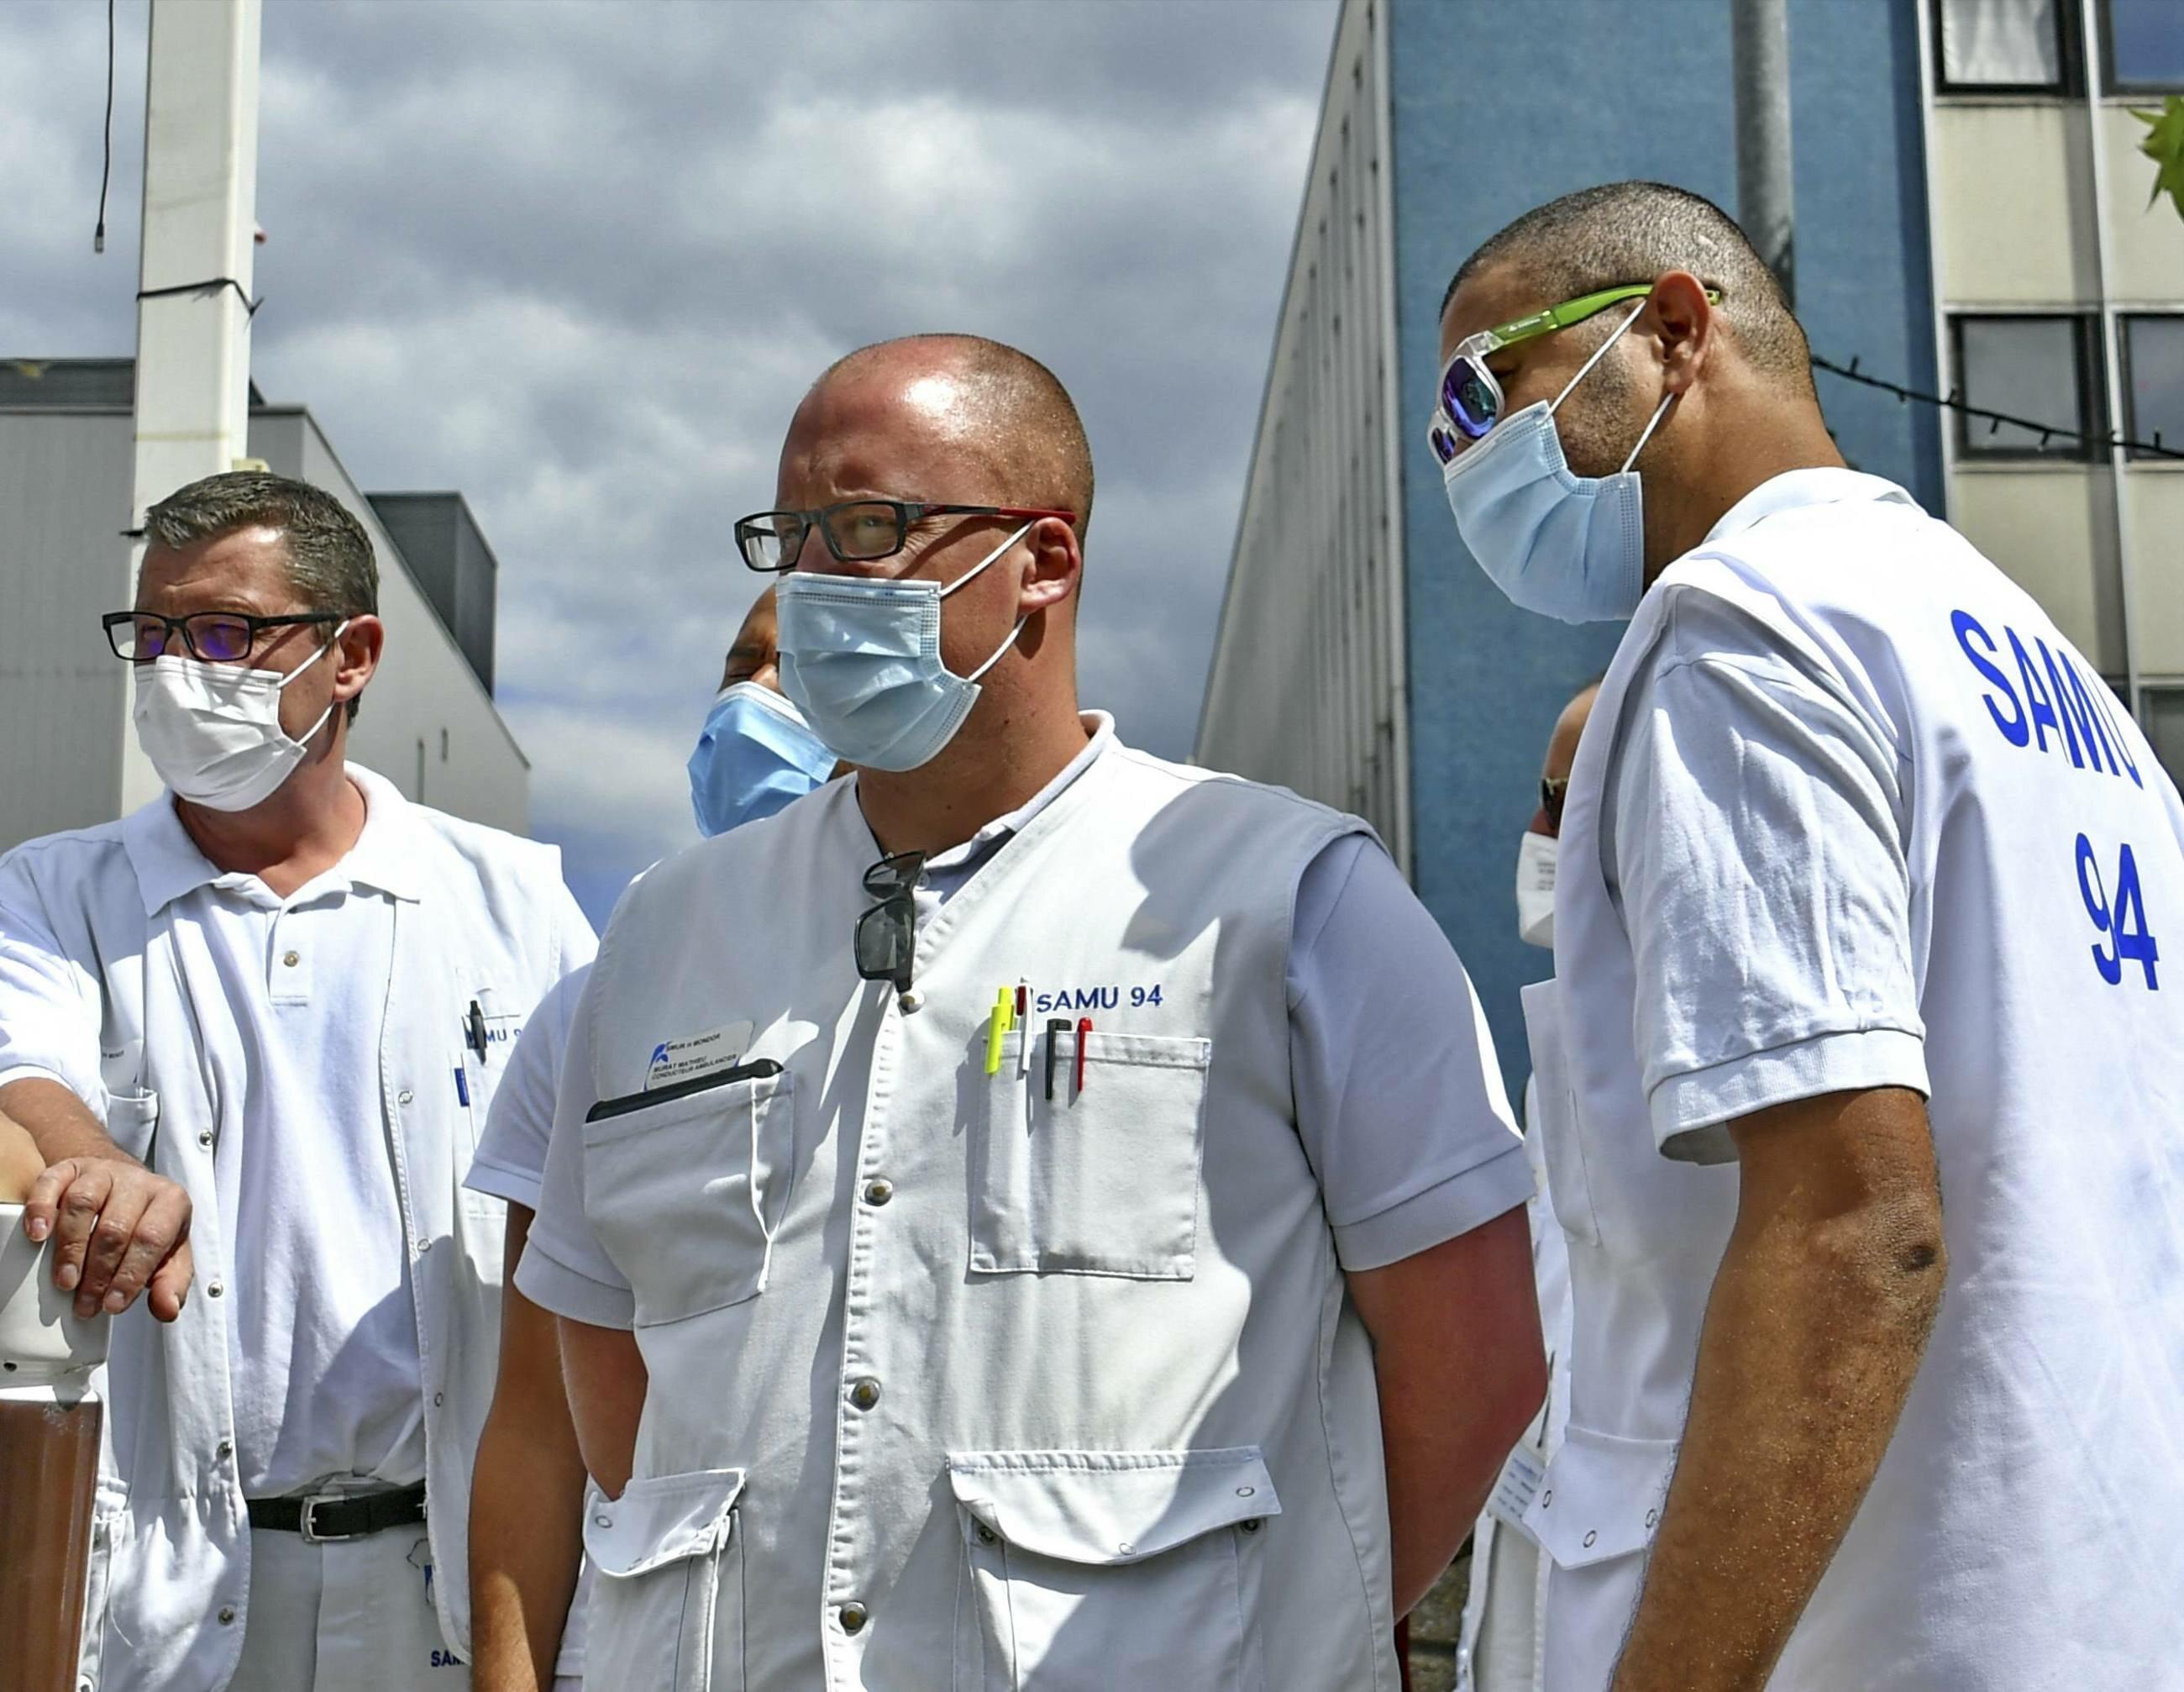 Ratownicy medyczni, zdjęcie ilustracyjne